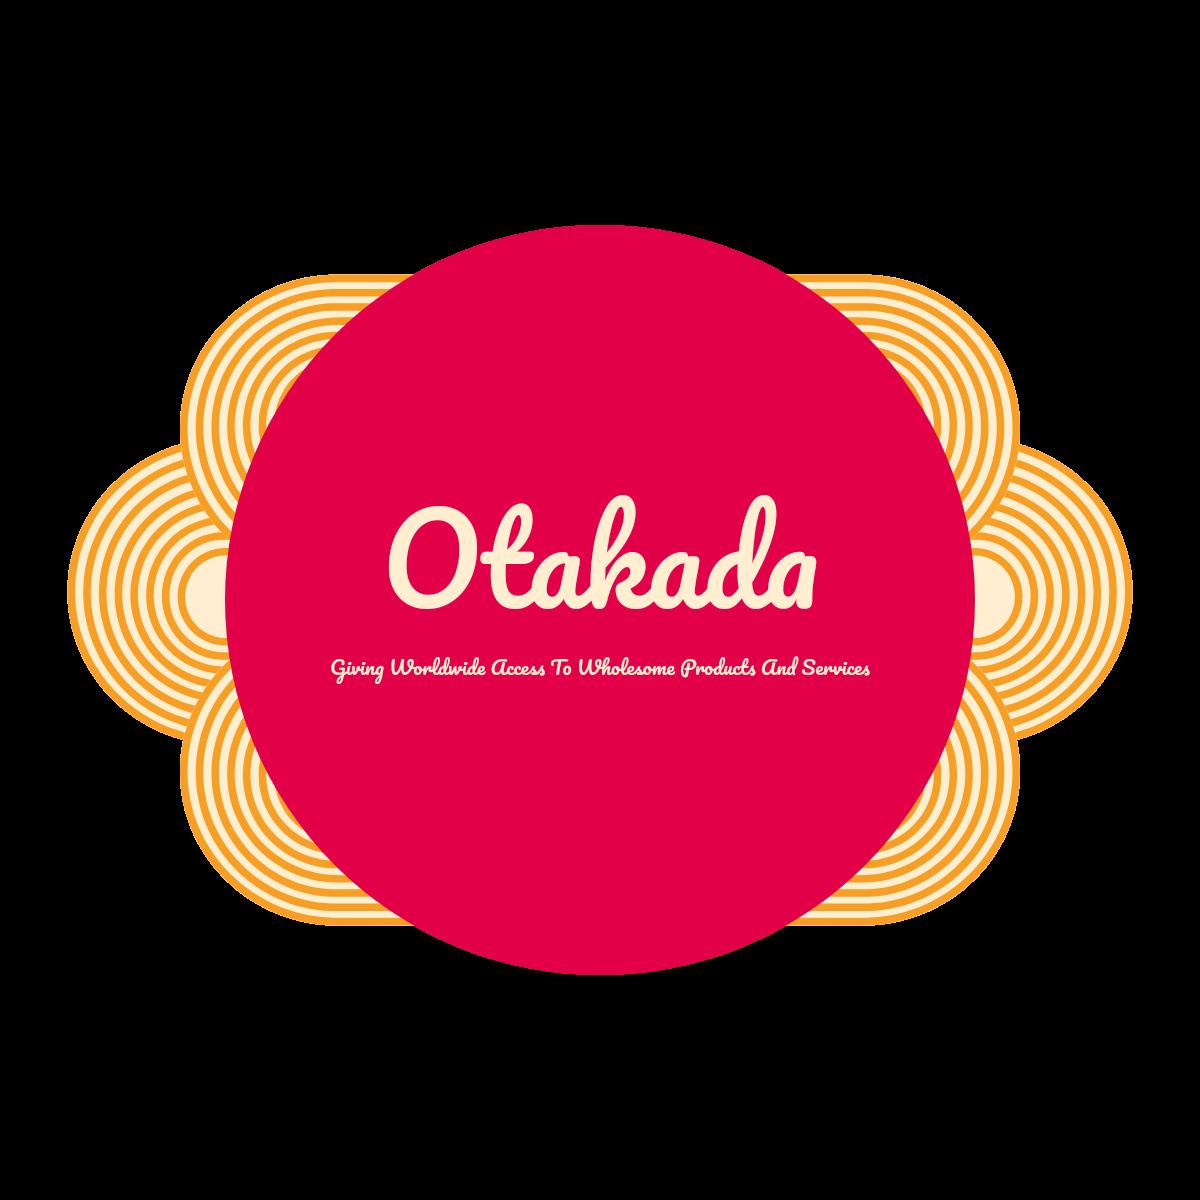 Otakada Academy